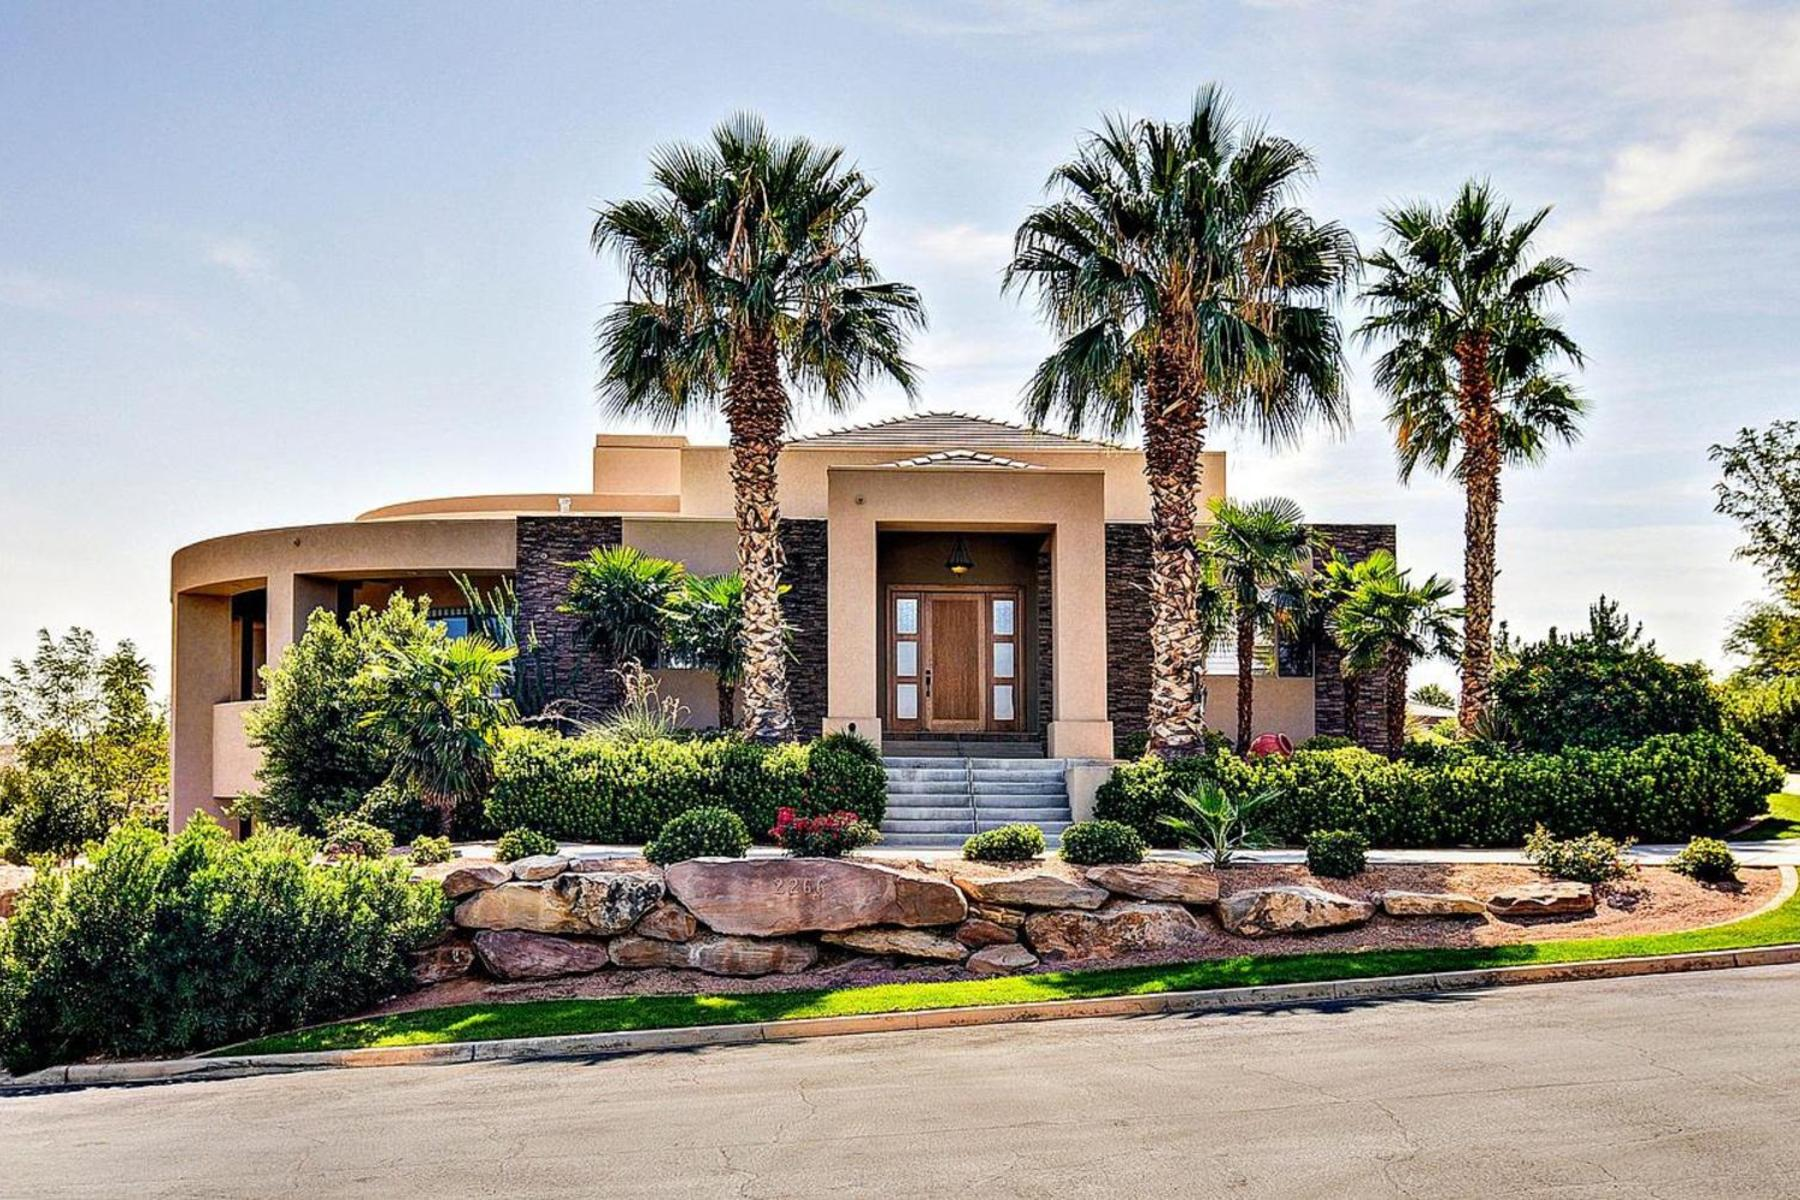 Villa per Vendita alle ore Luxurious Contemporary Design with Pool 2266 Stone Cliff Dr St. George, Utah 84790 Stati Uniti